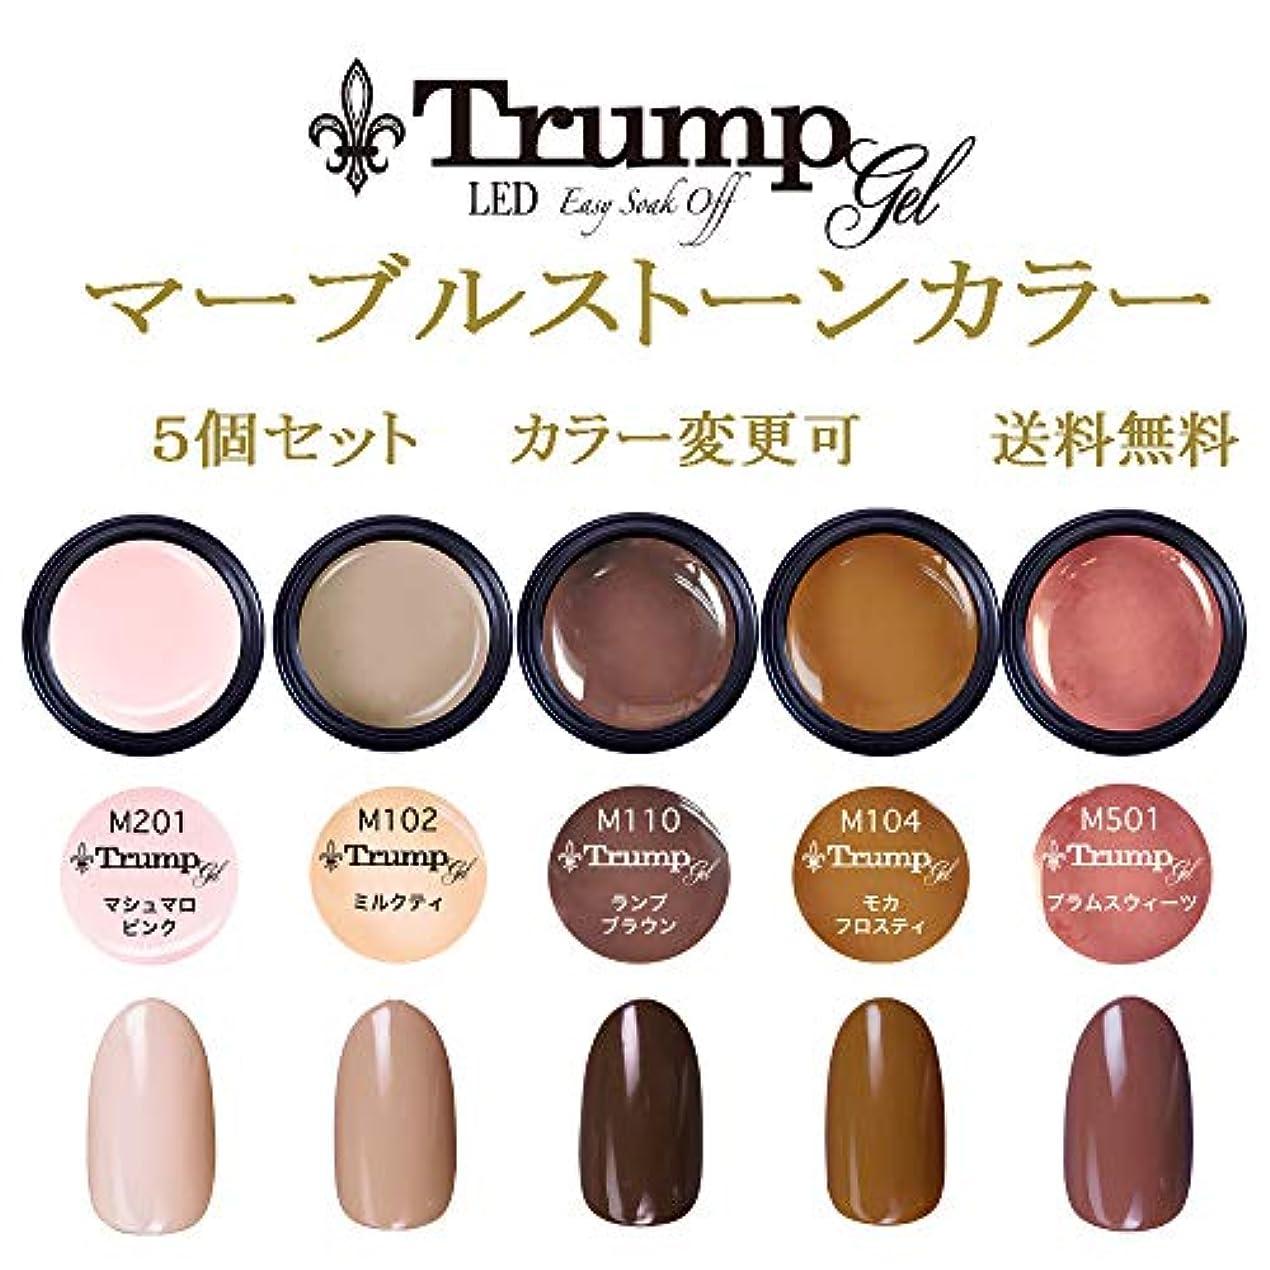 穿孔する会話ペンス【送料無料】日本製 Trump gel トランプジェル マーブルストーン カラージェル 5個セット 人気の大理石ネイルカラーをチョイス